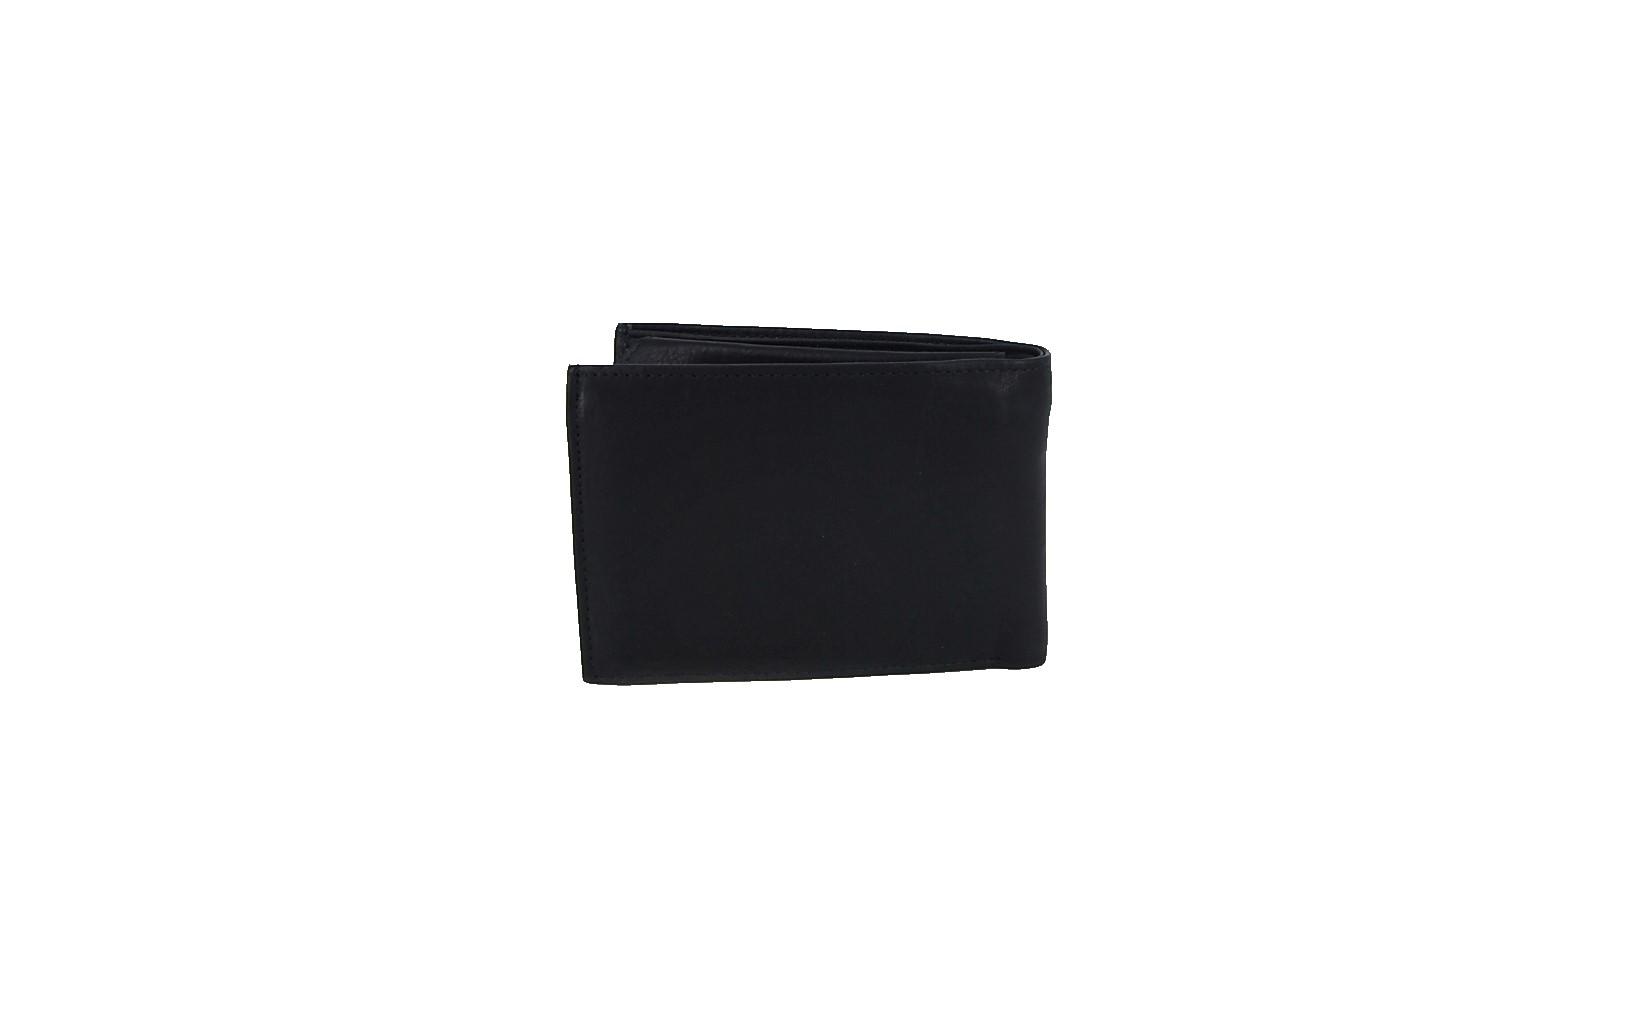 f938e4121d Ginis ανδρικό δερμάτινο πορτοφόλι μαύρο ταυτότητας